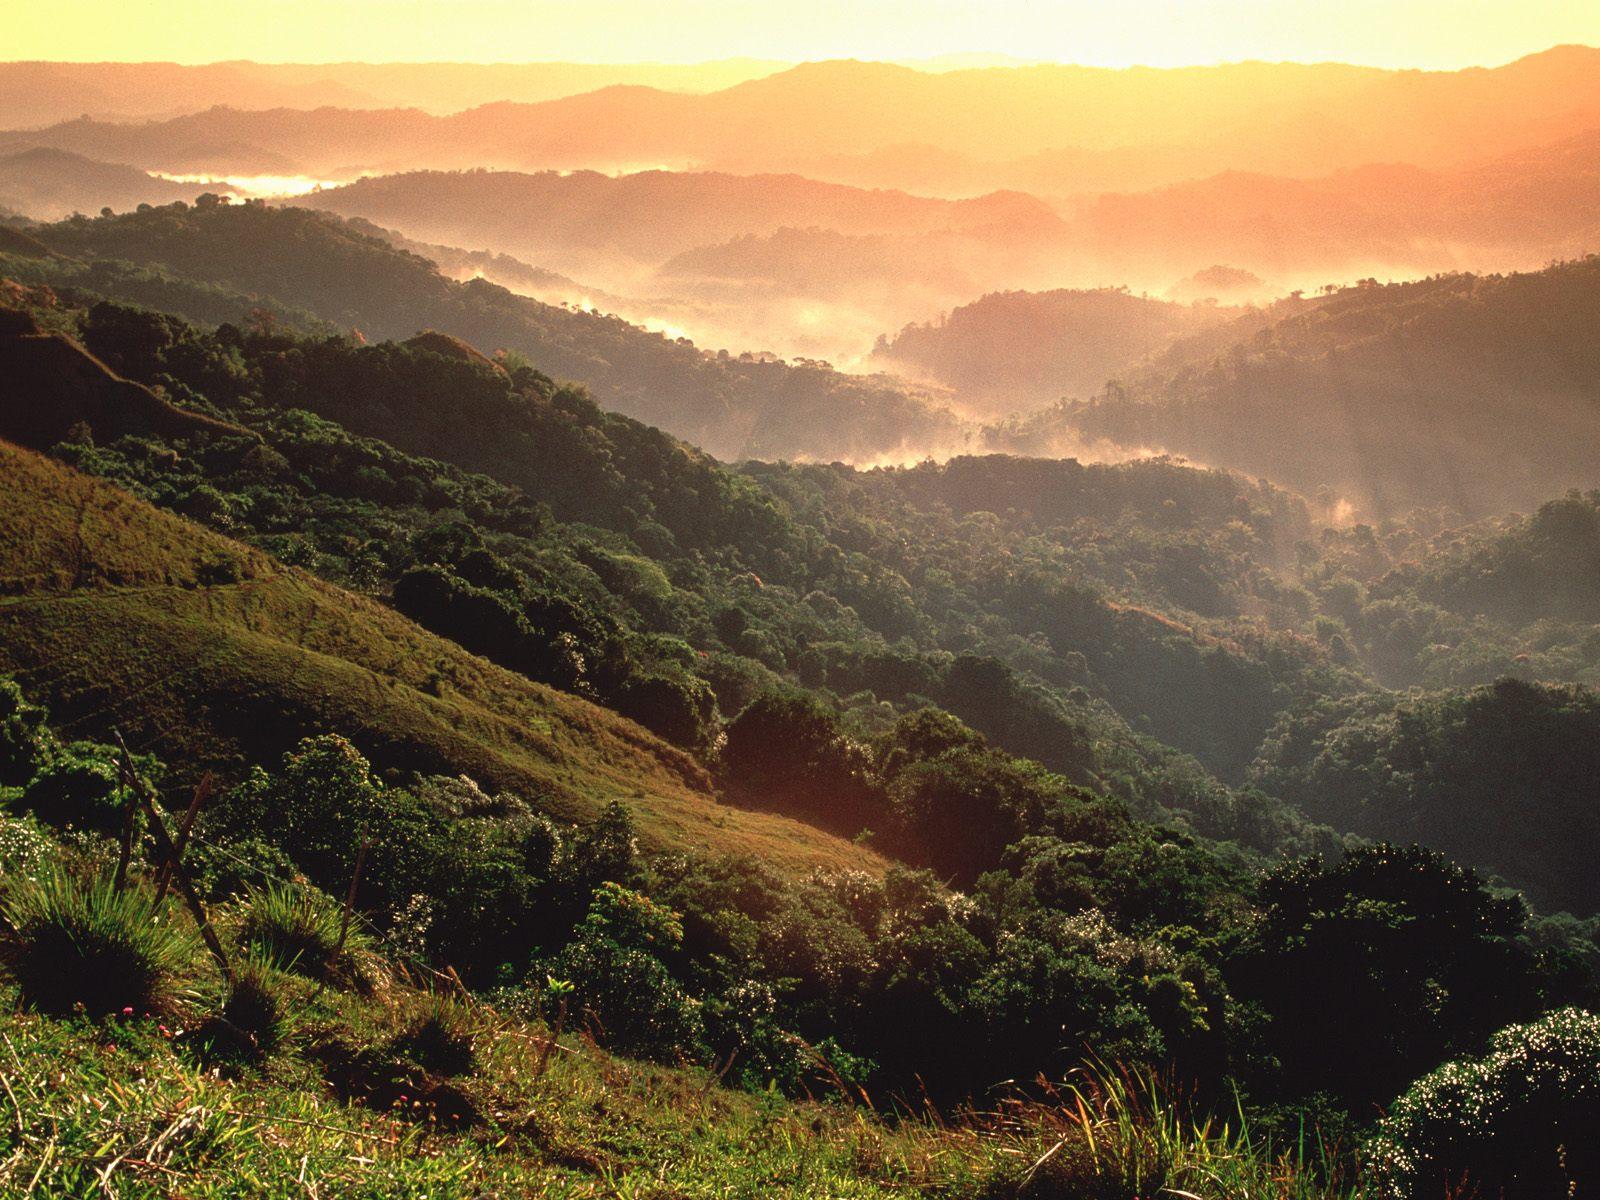 El_Yunque_Rainforest_Puerto_Rico.jpg